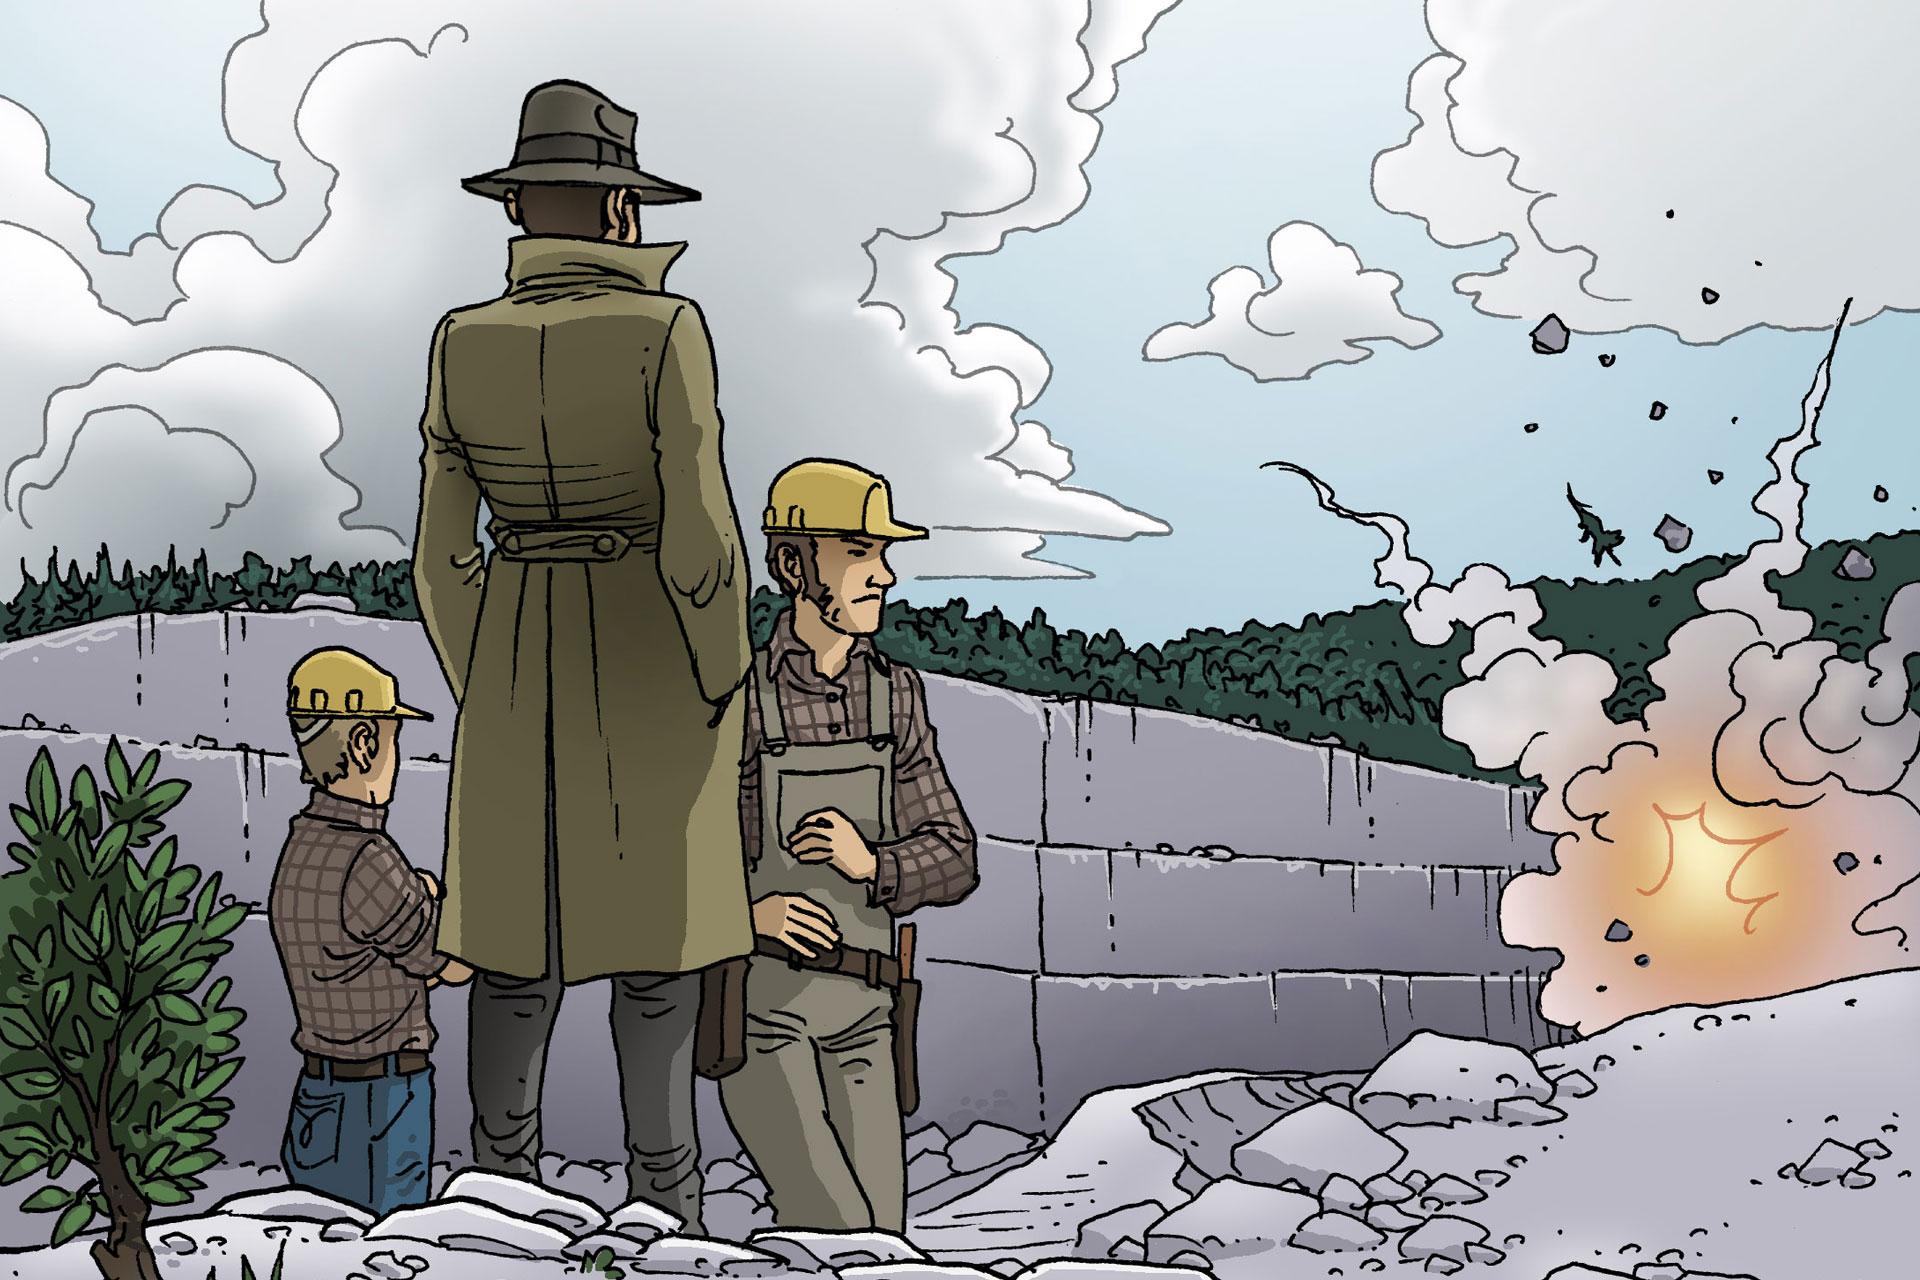 Dessin représentant 3 personnes regardant une explosion de roche sur la montagne, la forêt en arrière-plan